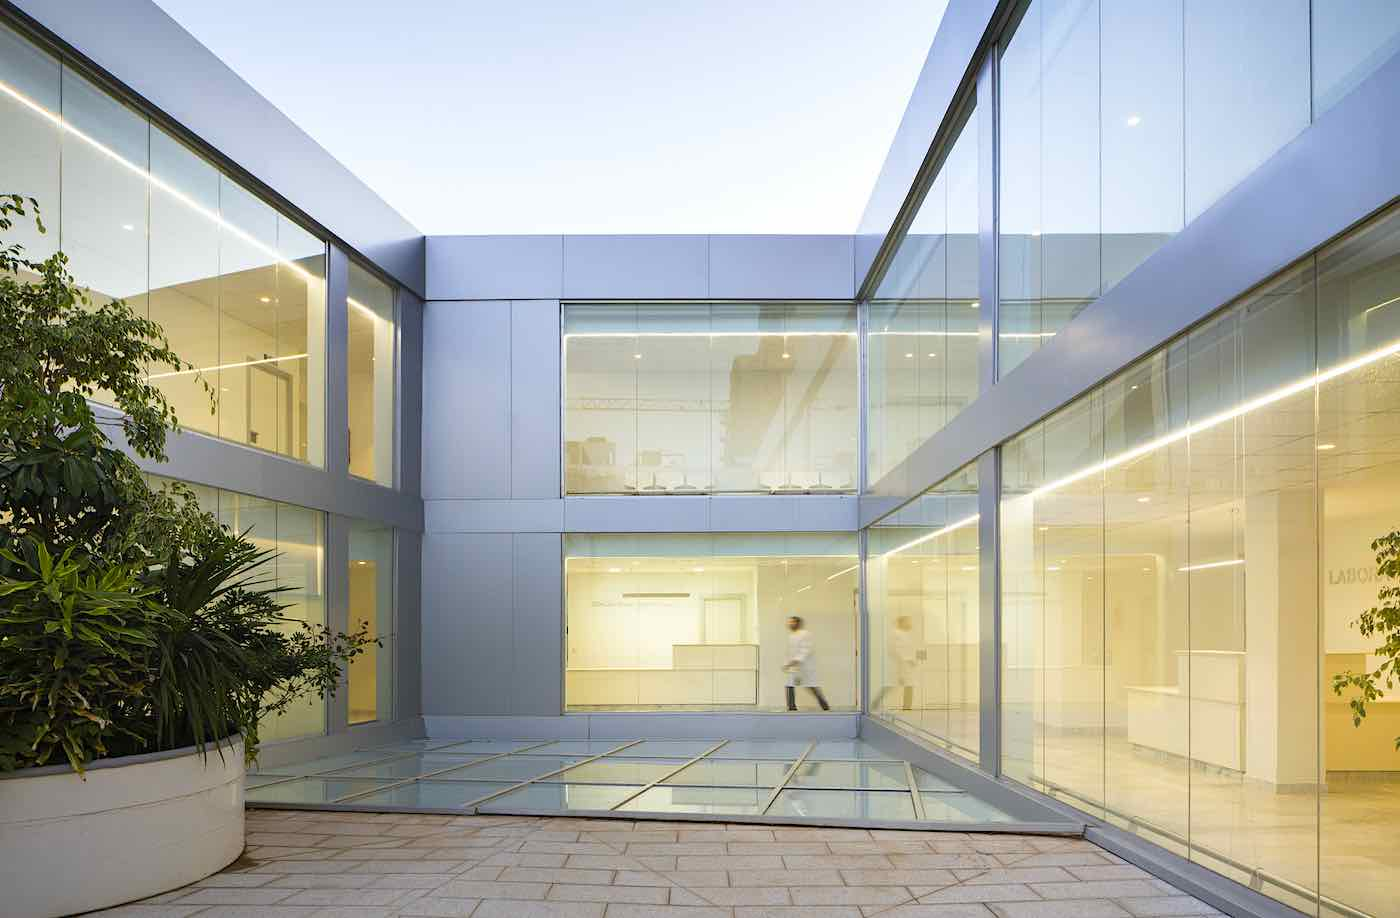 El estudio valenciano Lecoc gana el premio internacional IF Design Award de arquitectura por crear el hospital oncológico de Orán